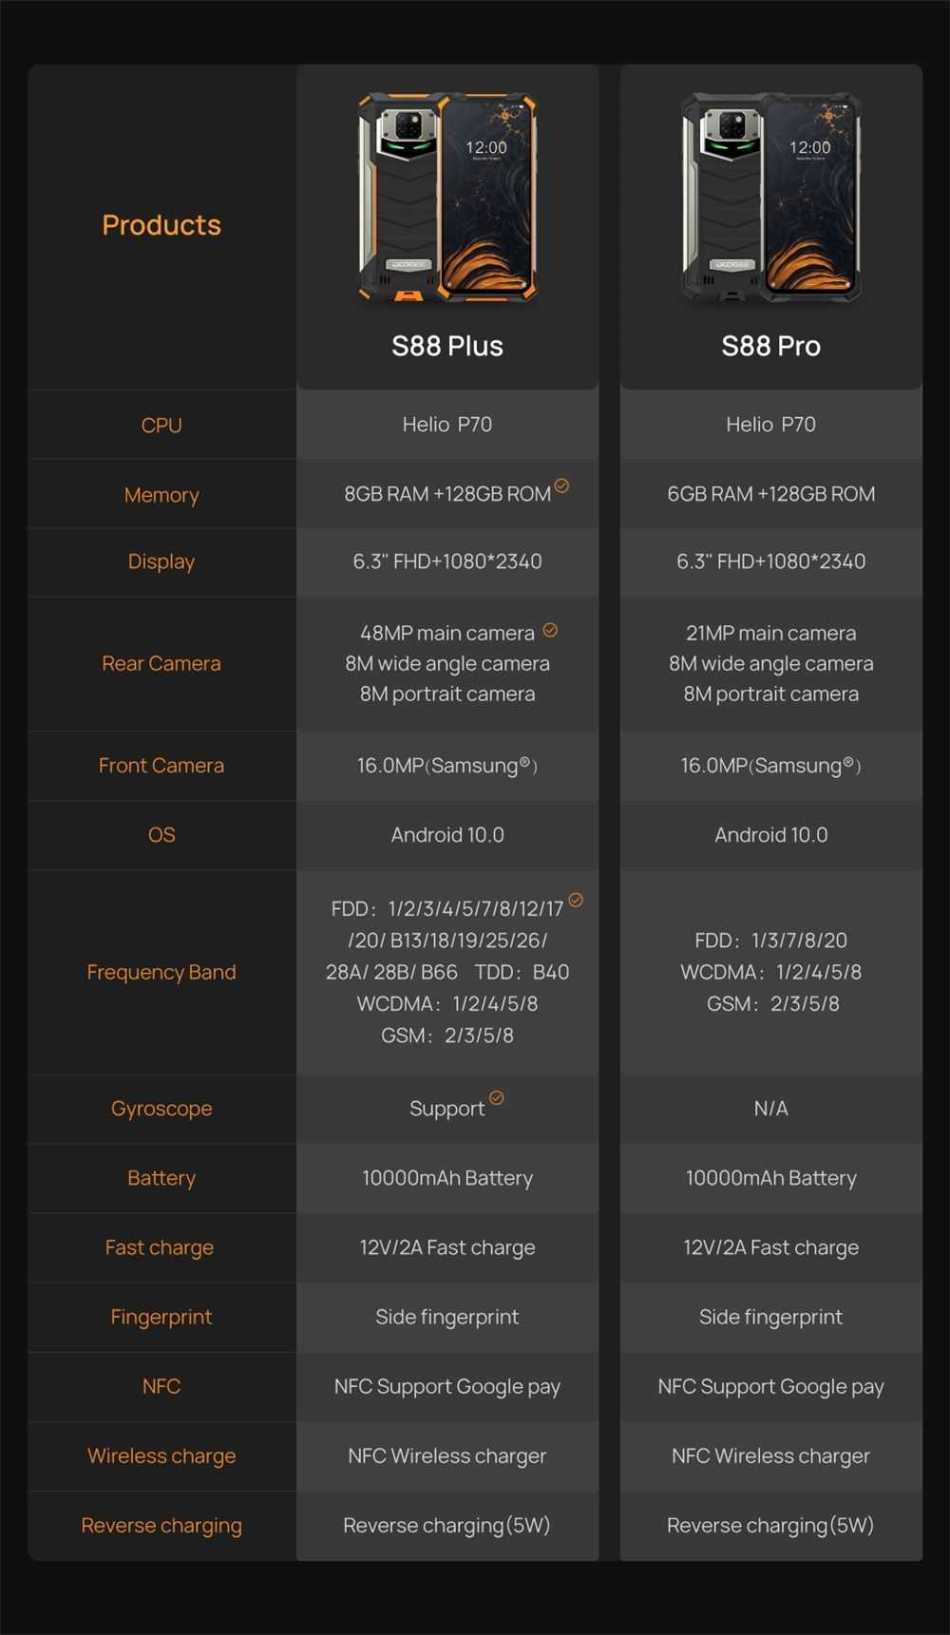 DOOGEE S88 Plus vs s88 pro - DOOGEE S88 Plus Banggood Coupon Promo Code [8+128GB]